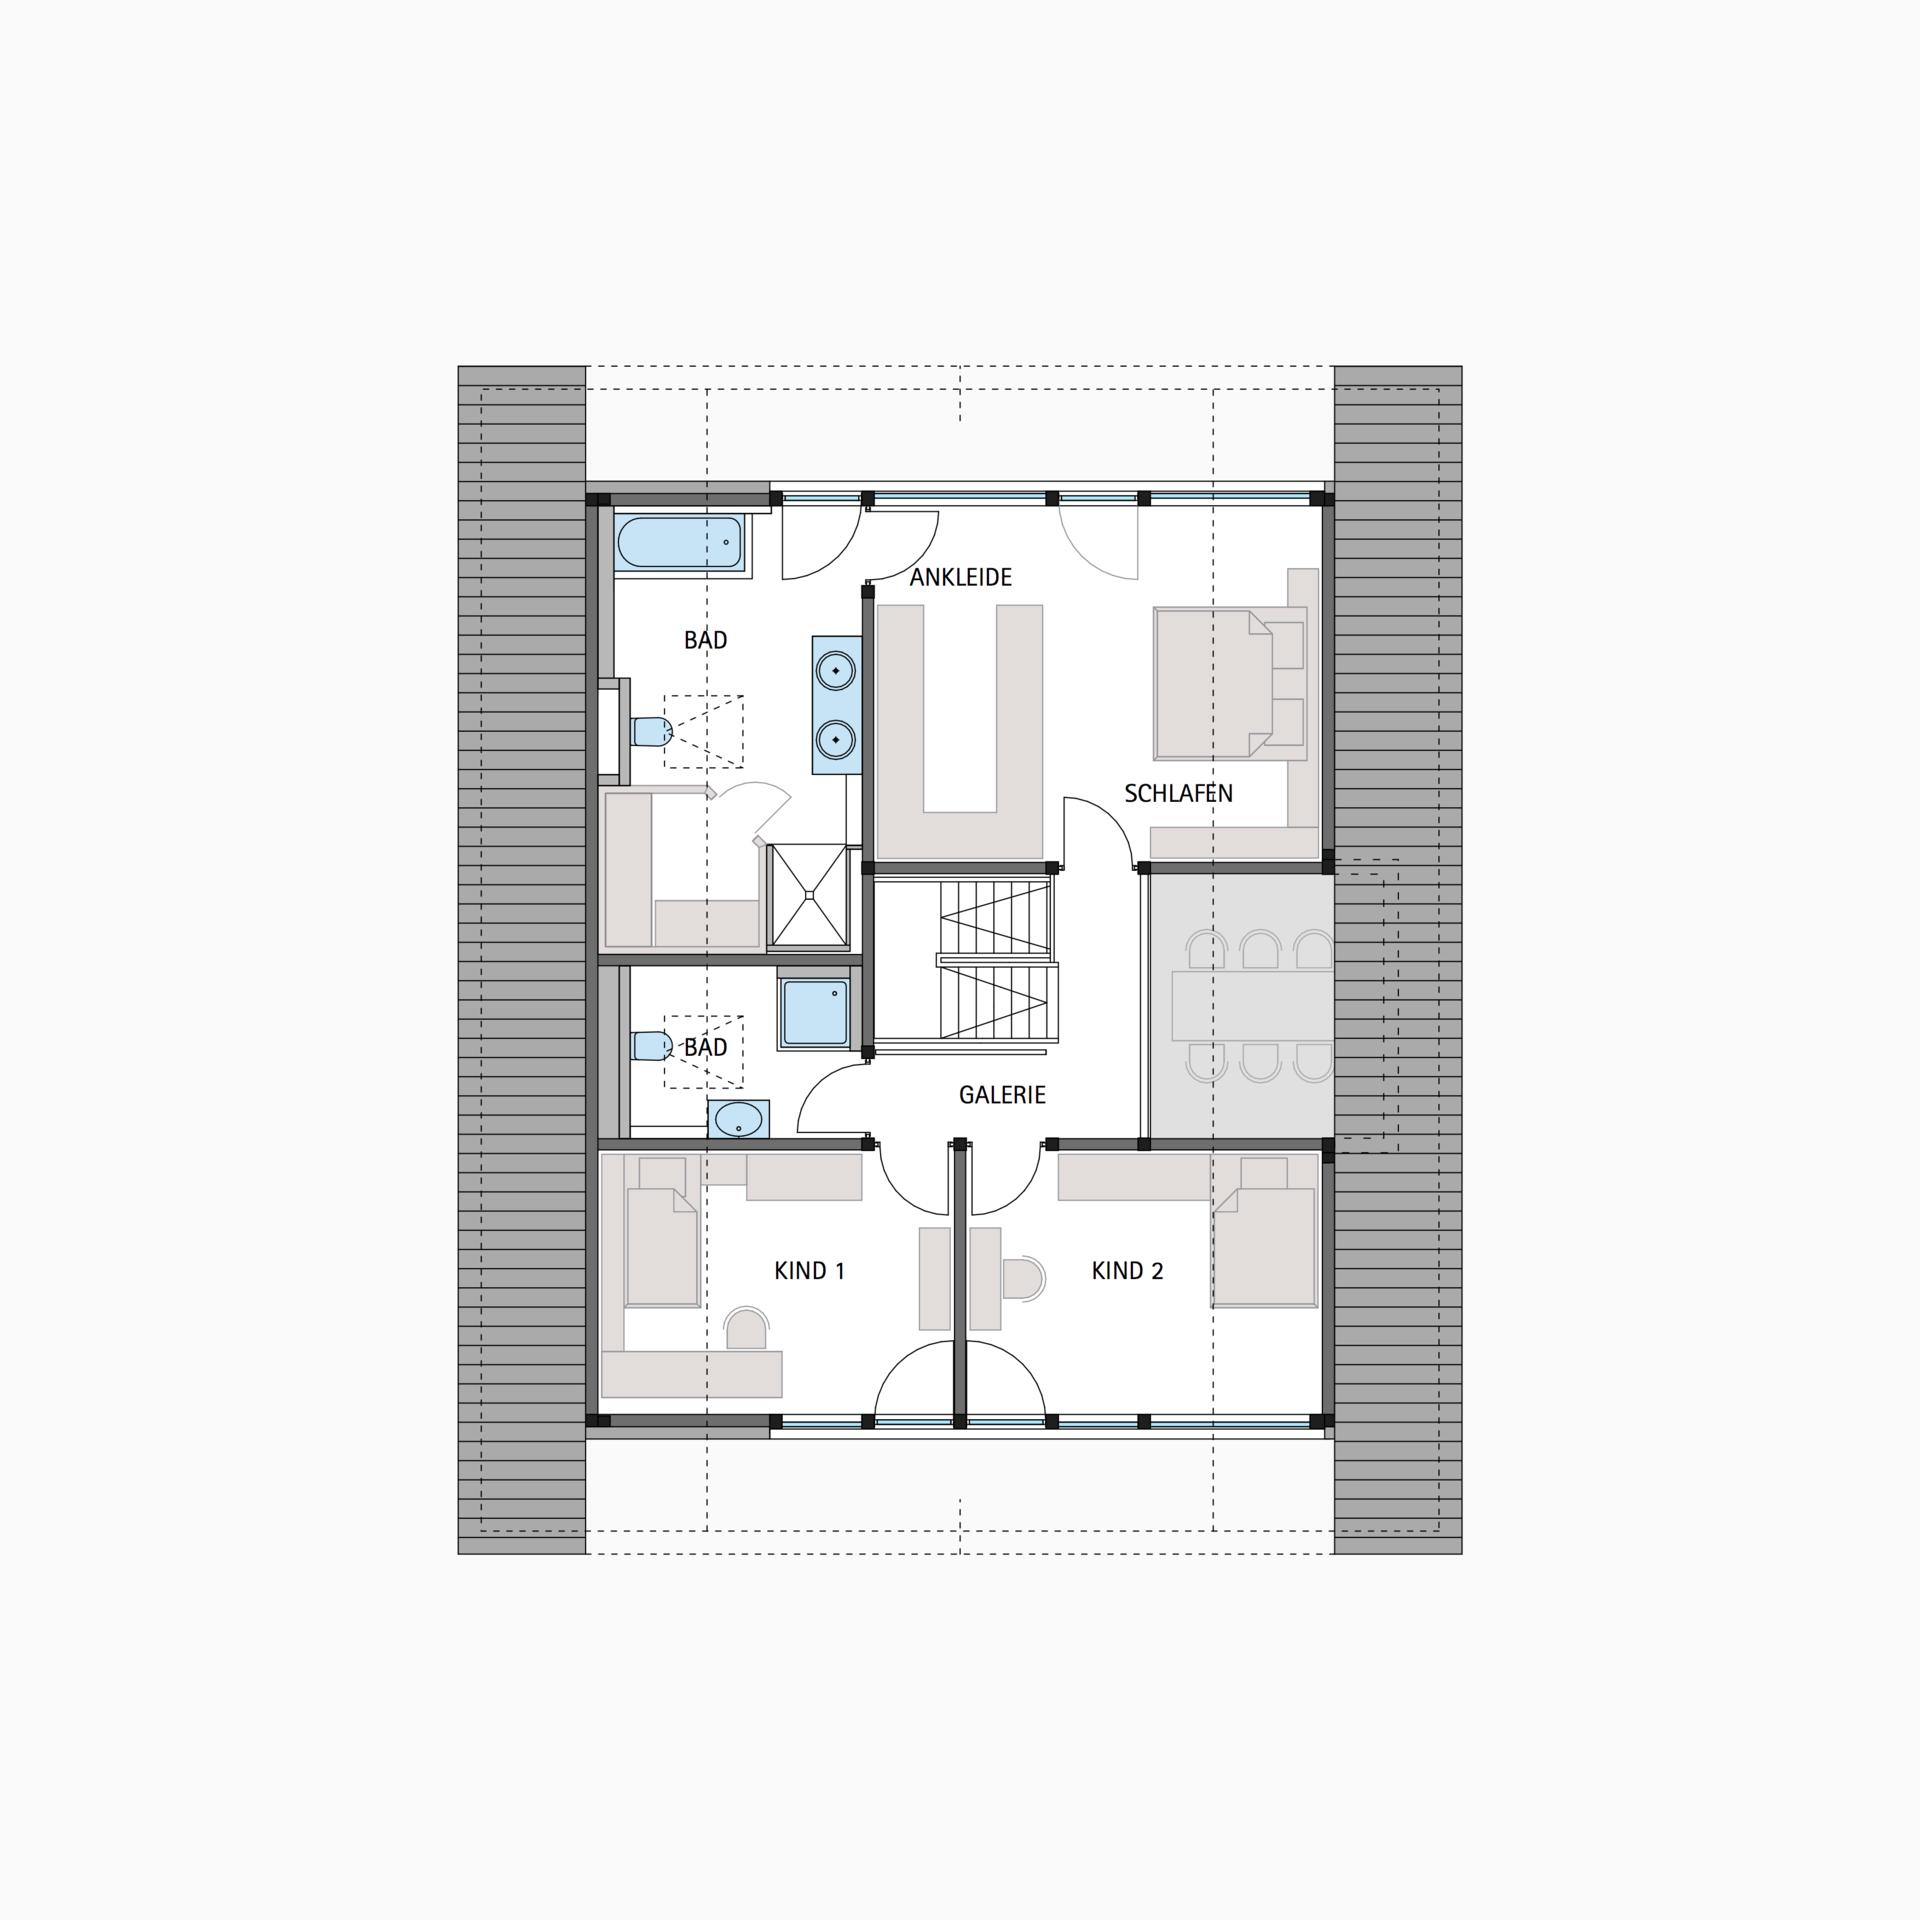 HUF Fachwerkhaus Grundriss Dachgeschoss MODUM 810 Haus